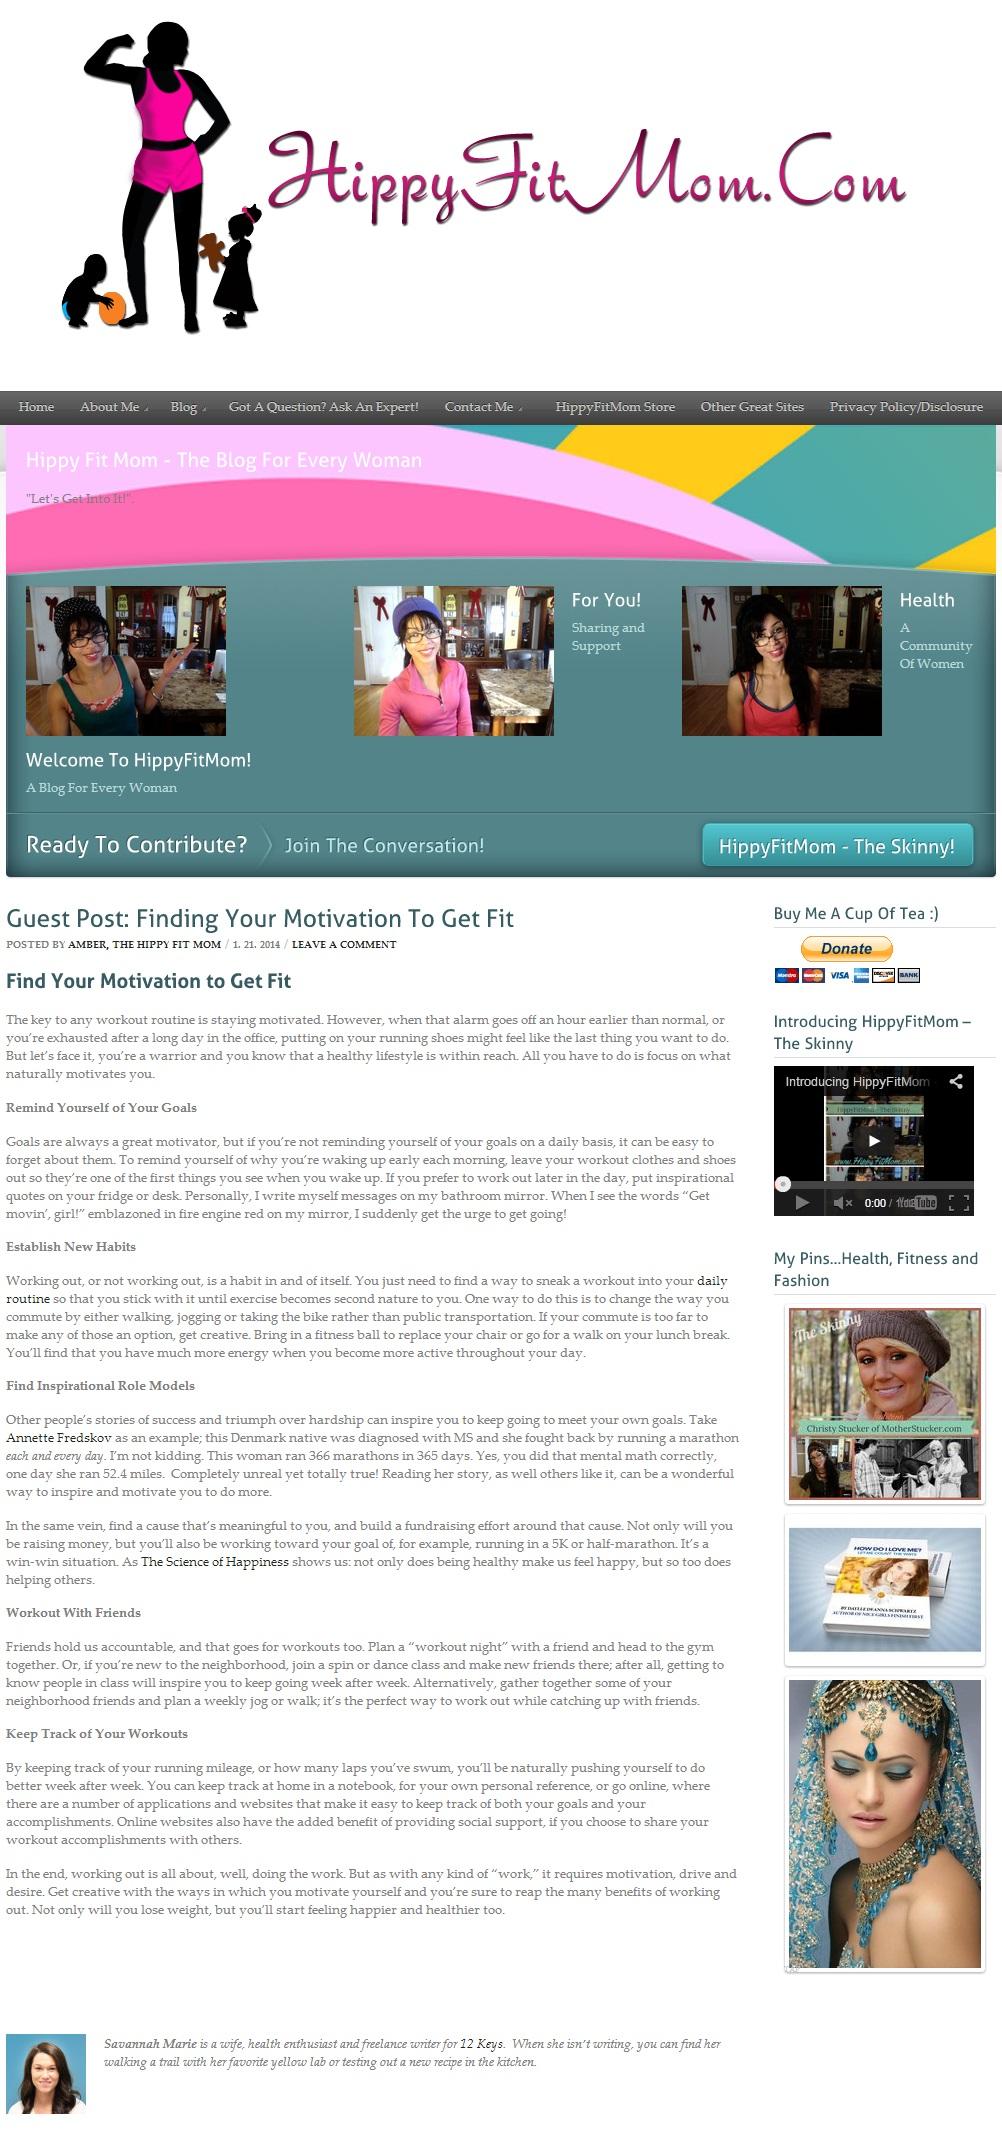 hippyfitmom.com 2014.01.21